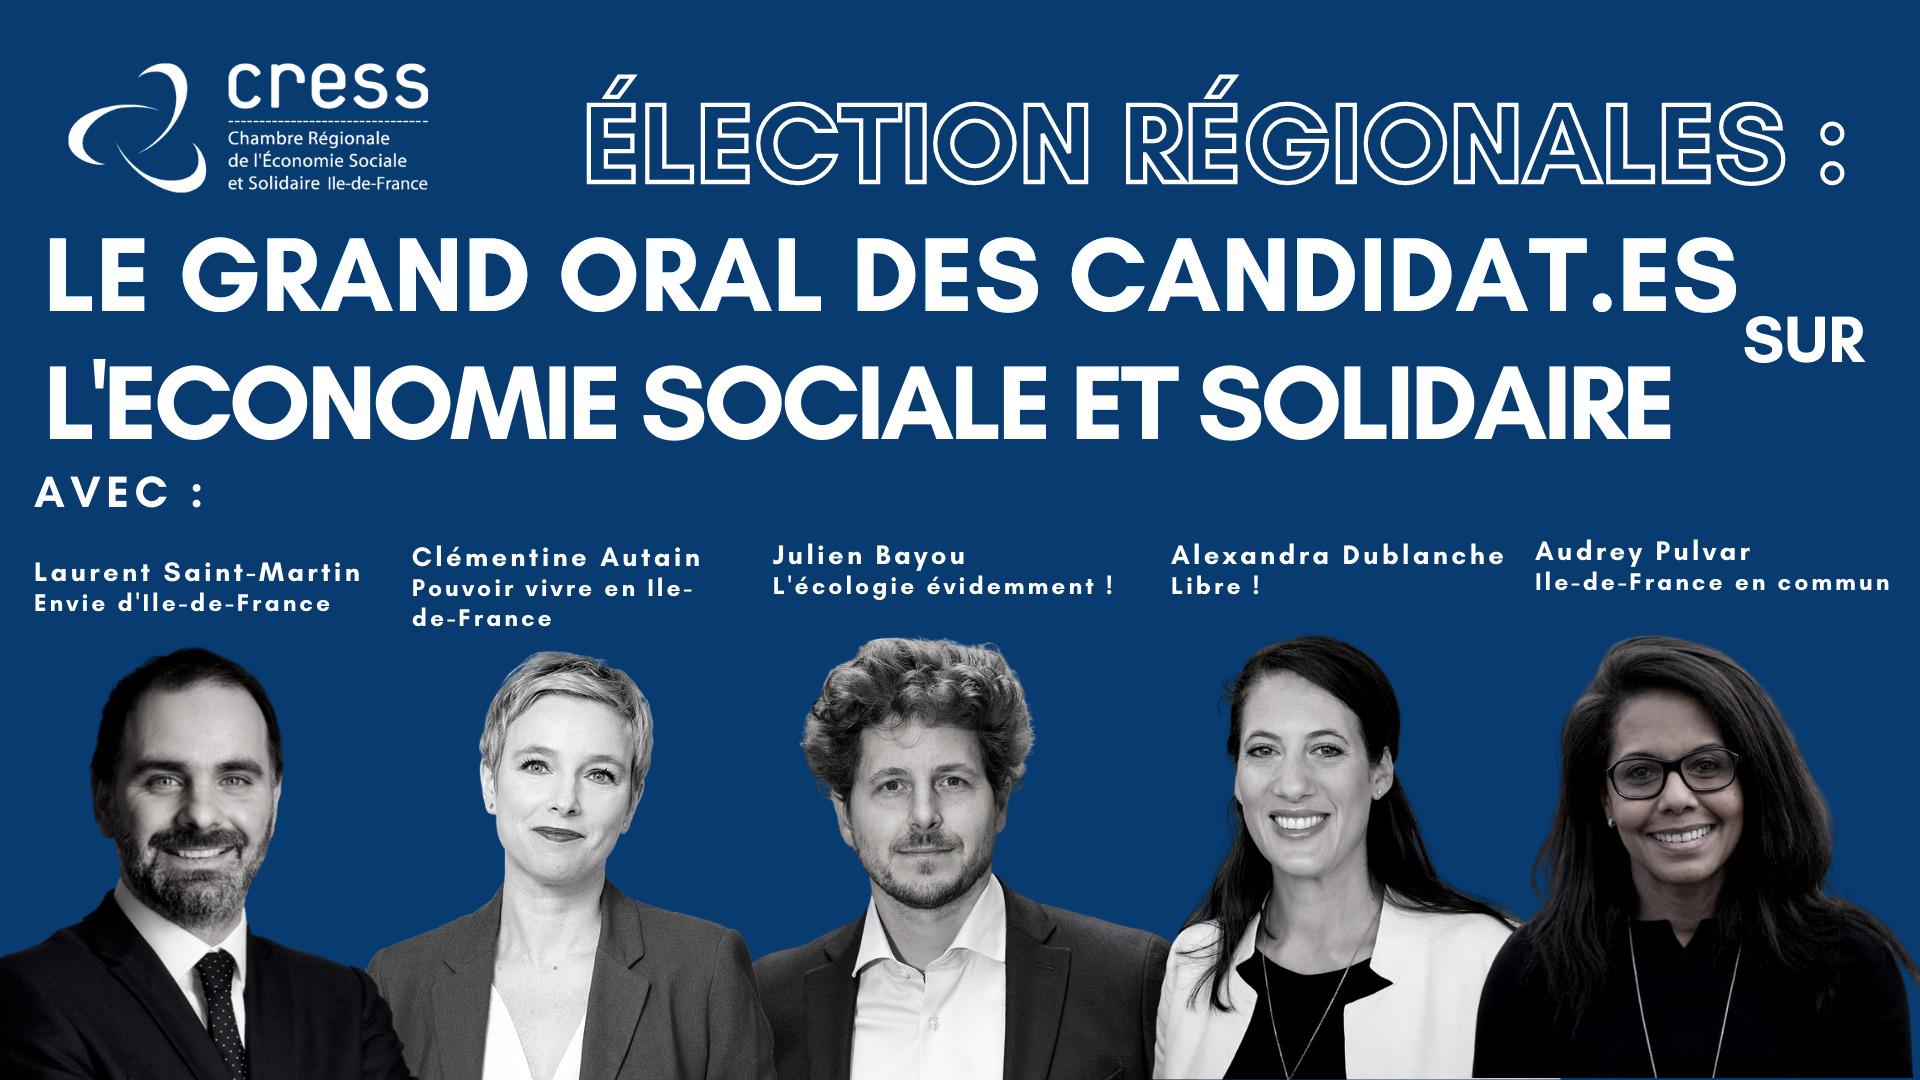 Elections régionales: le grand oral des candidats en Ile-de France